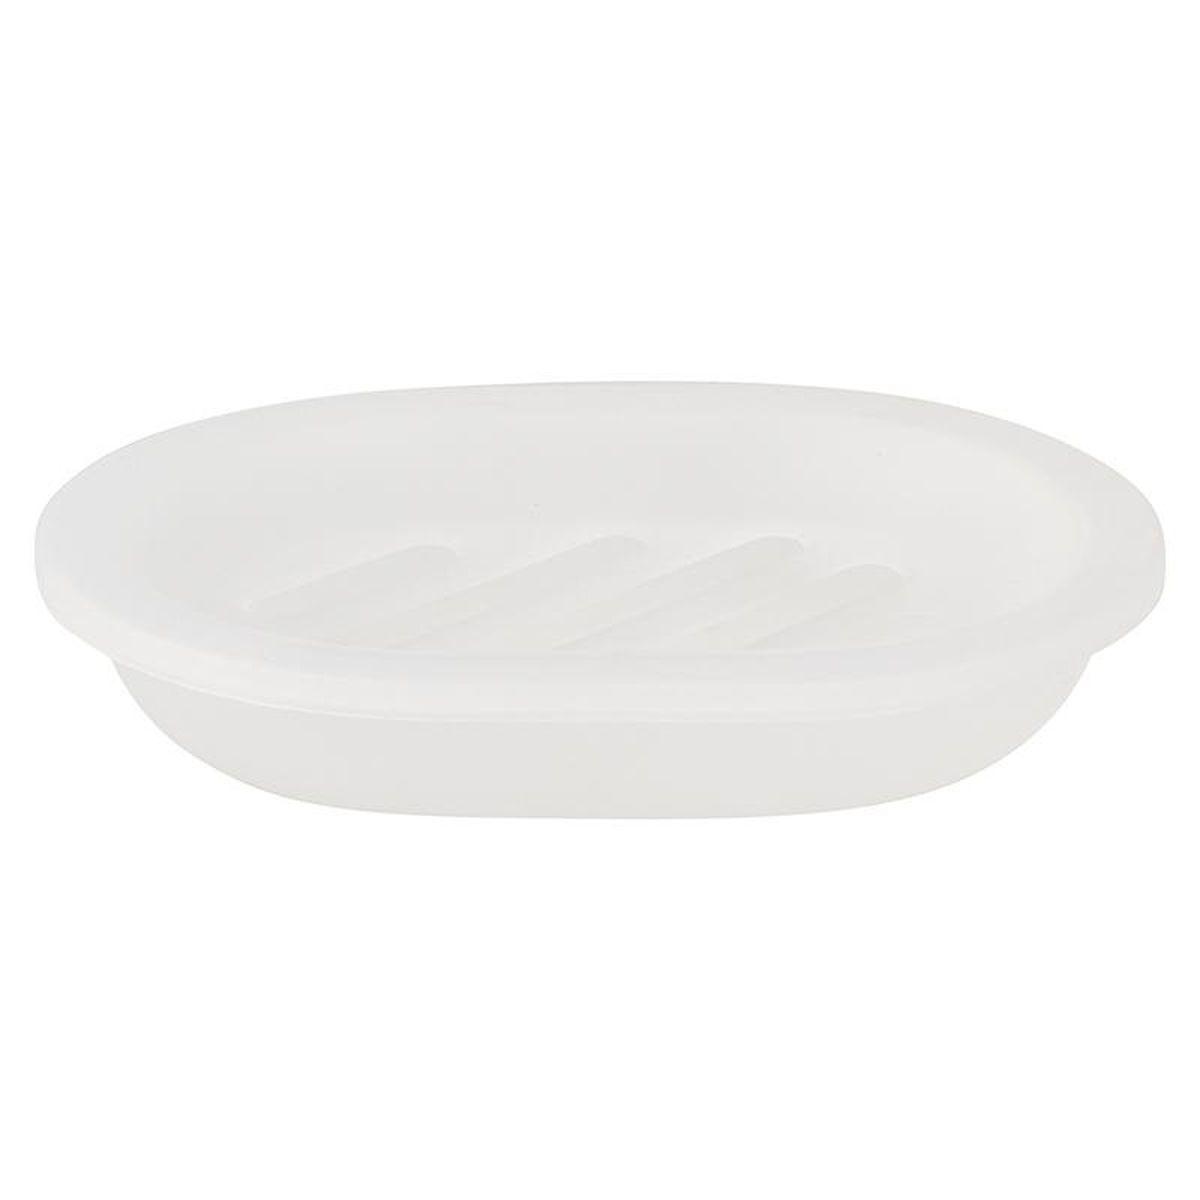 Мыльница Vanstore Summer White, 12 х 8 х 3 см68/5/2Оригинальная мыльница Vanstore Summer White, изготовленная из пластика, отлично подойдет для вашей ванной комнаты. Изделие отлично сочетается с другими аксессуарами из коллекции Summer White.Такая мыльница создаст особую атмосферу уюта и максимального комфорта в ванной.